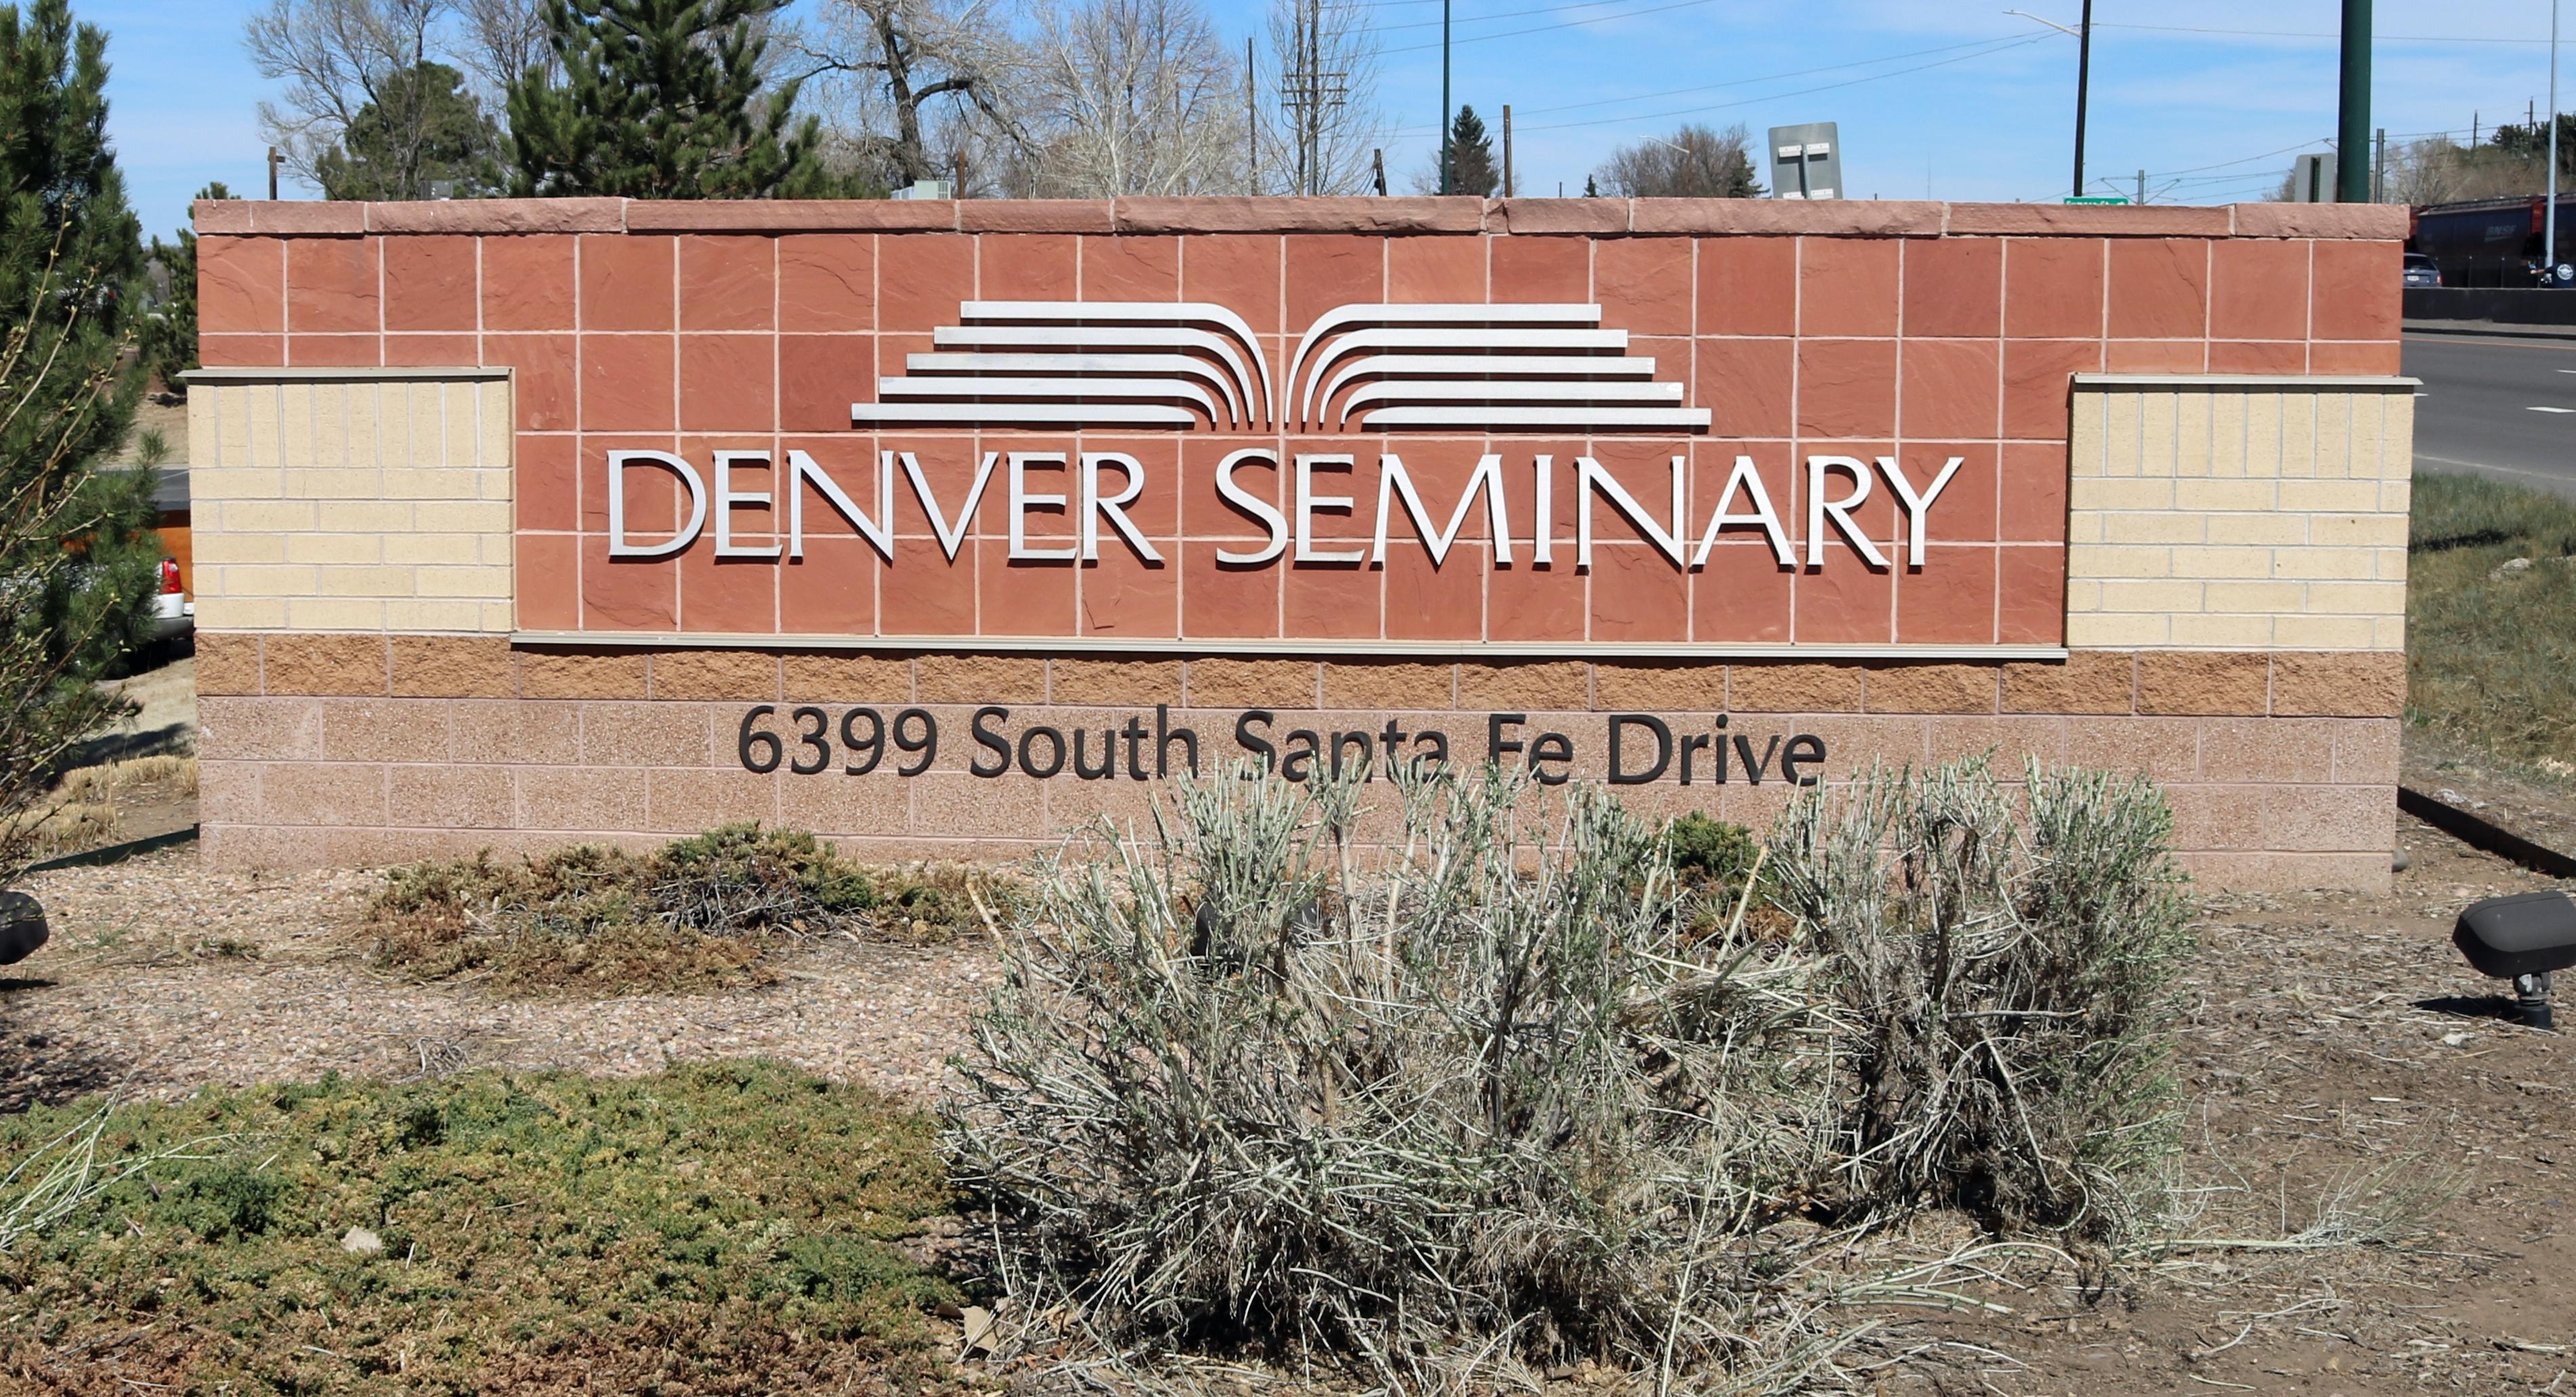 denver seminary.jpg